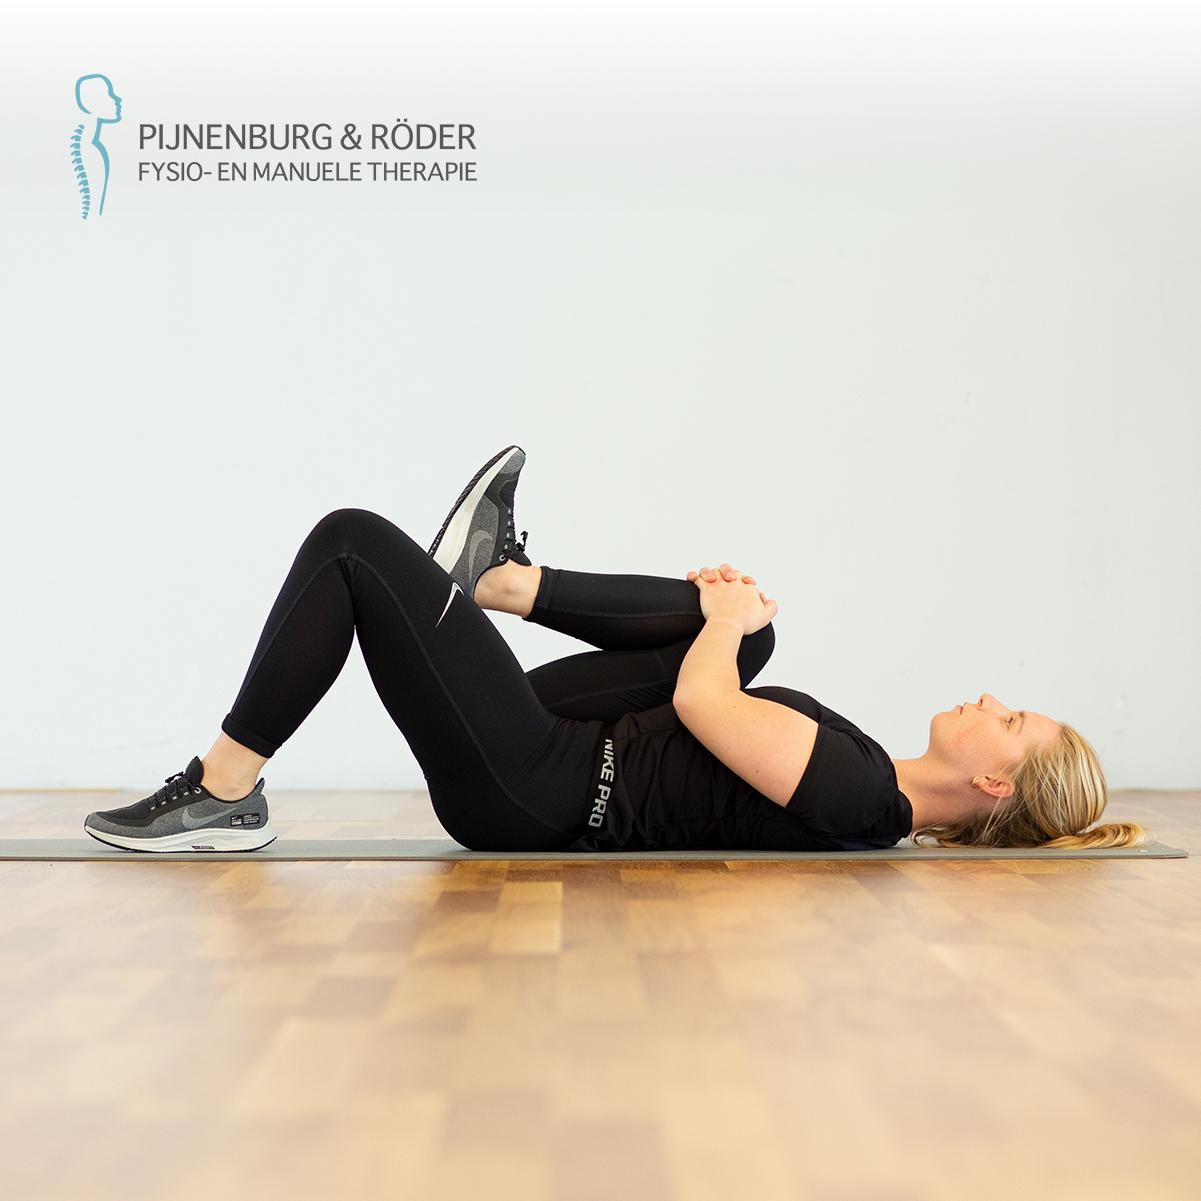 lage rug mobiliteit knie naar borst